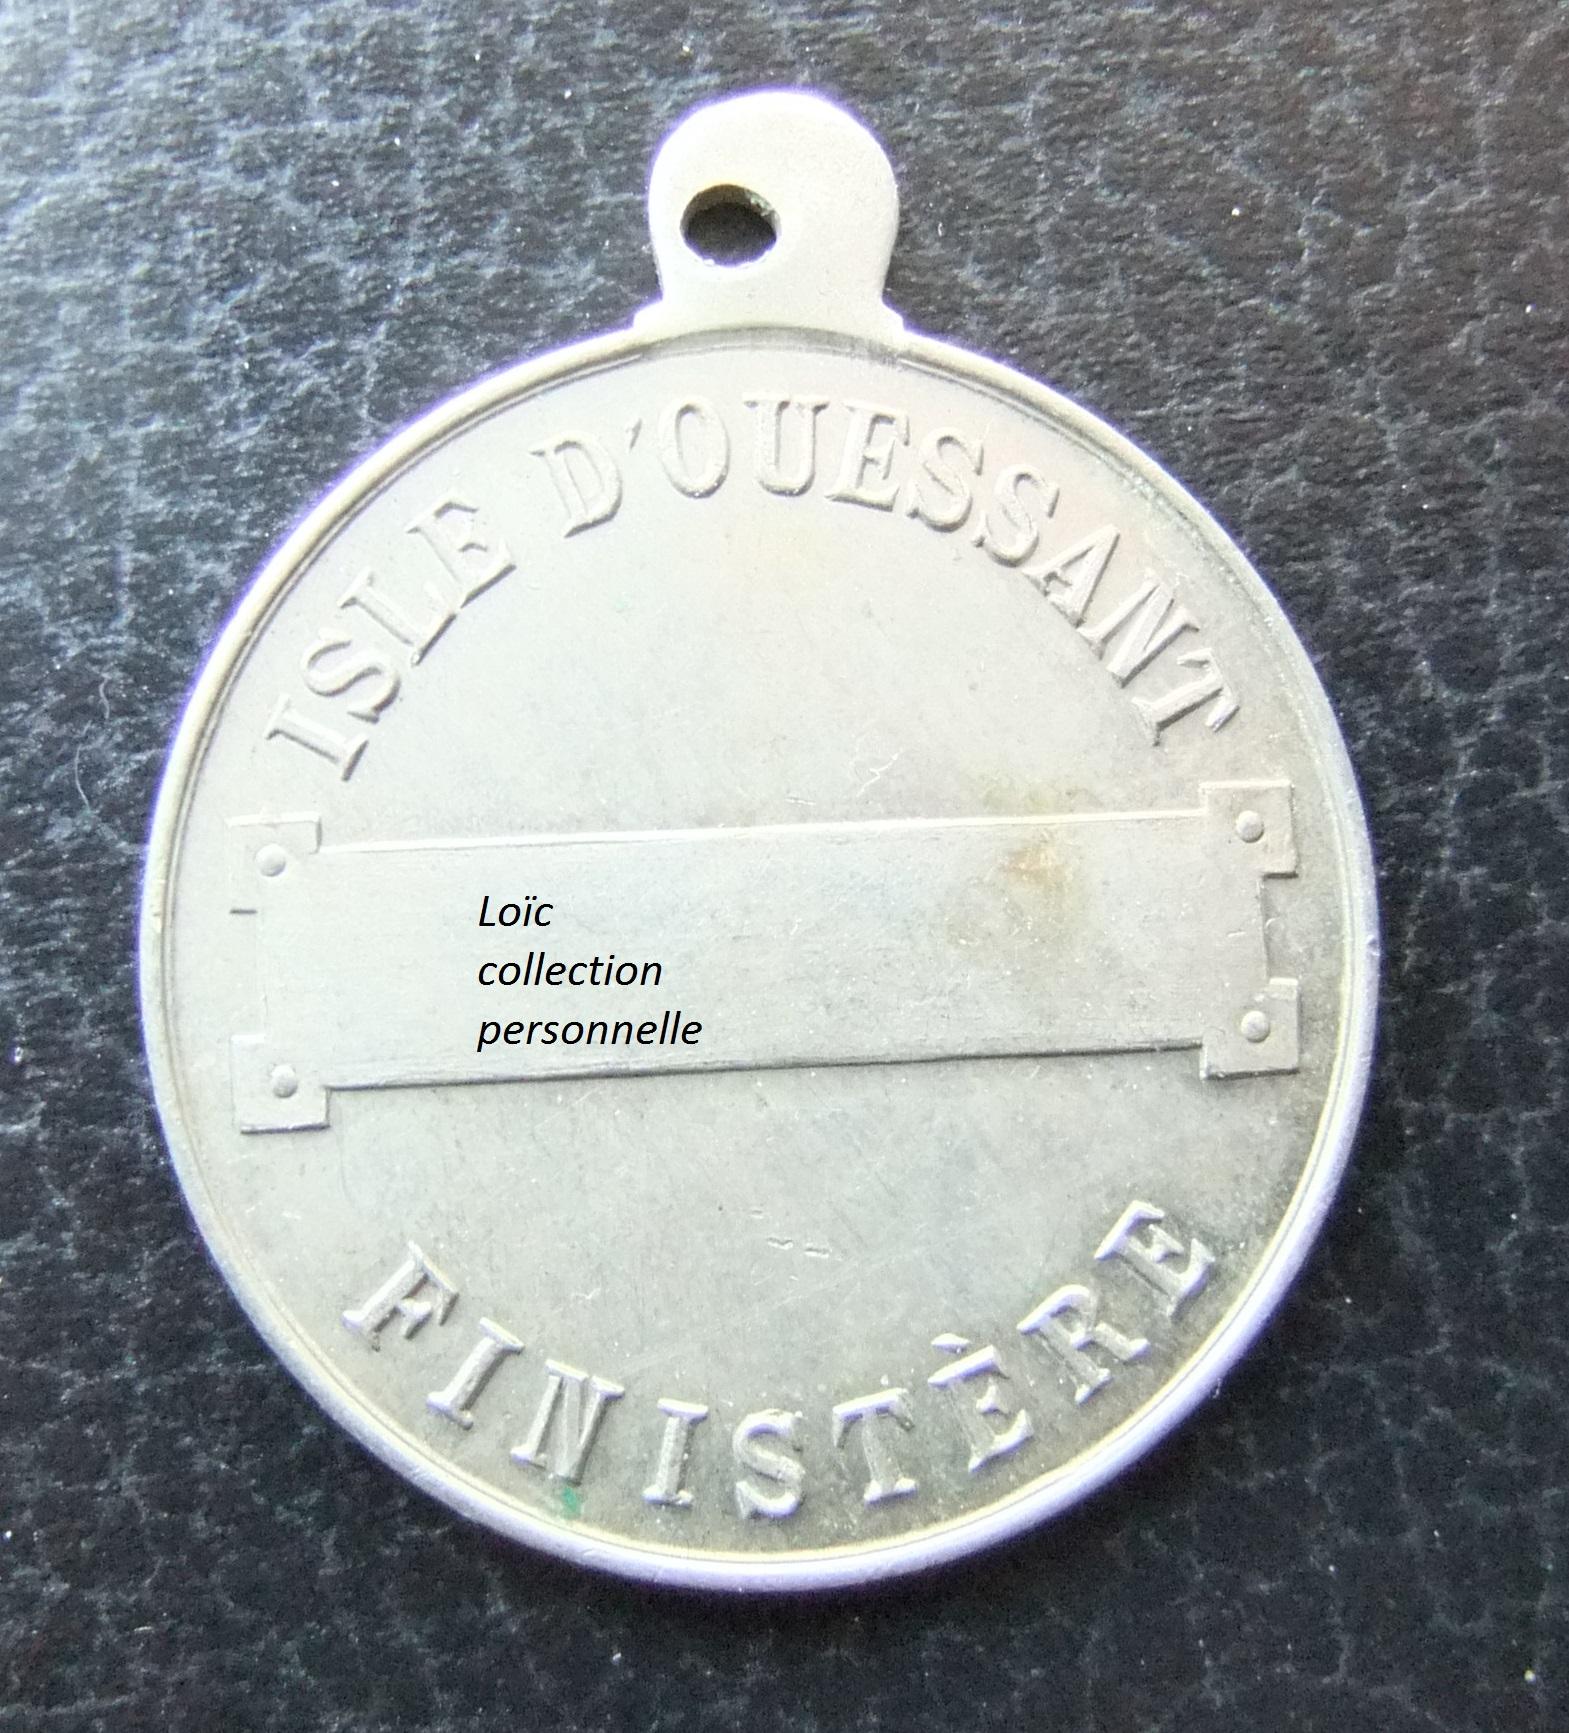 médaille Ouessant